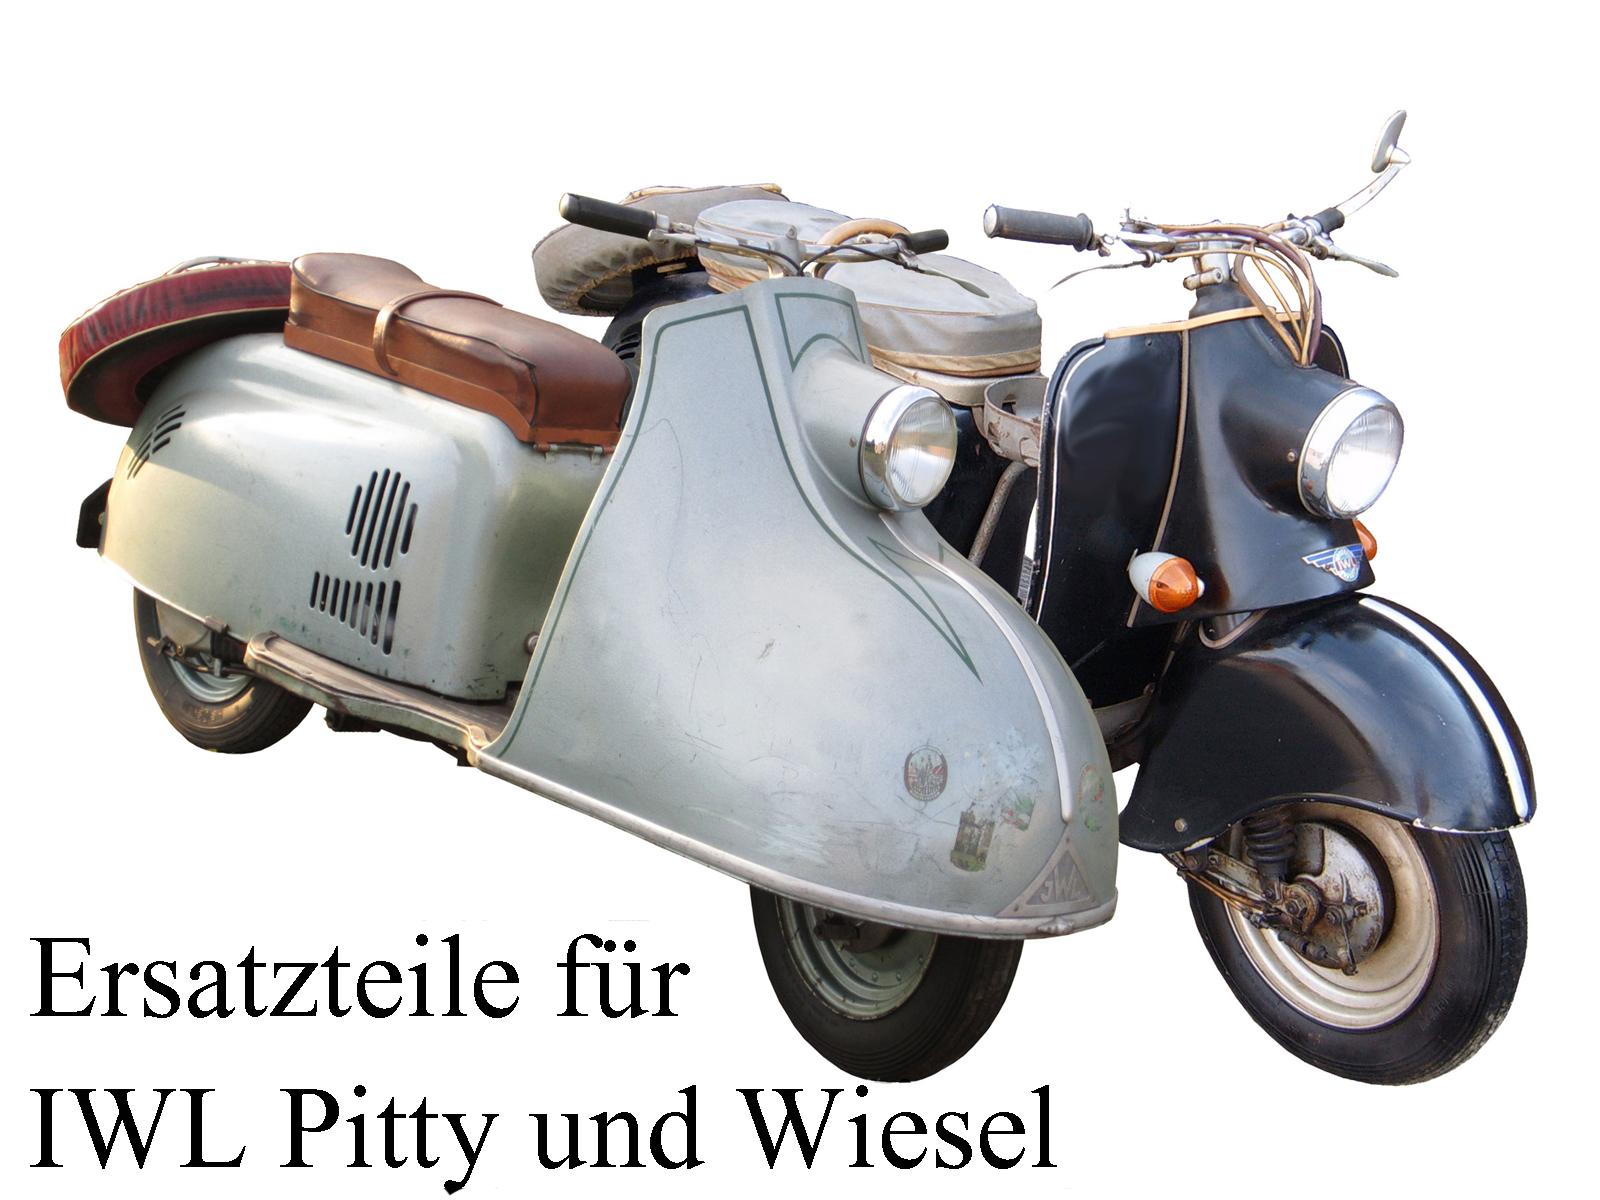 Ersatzteile kaufen für die DDR-Motorroller IWL Pitty und Wiesel SR 56